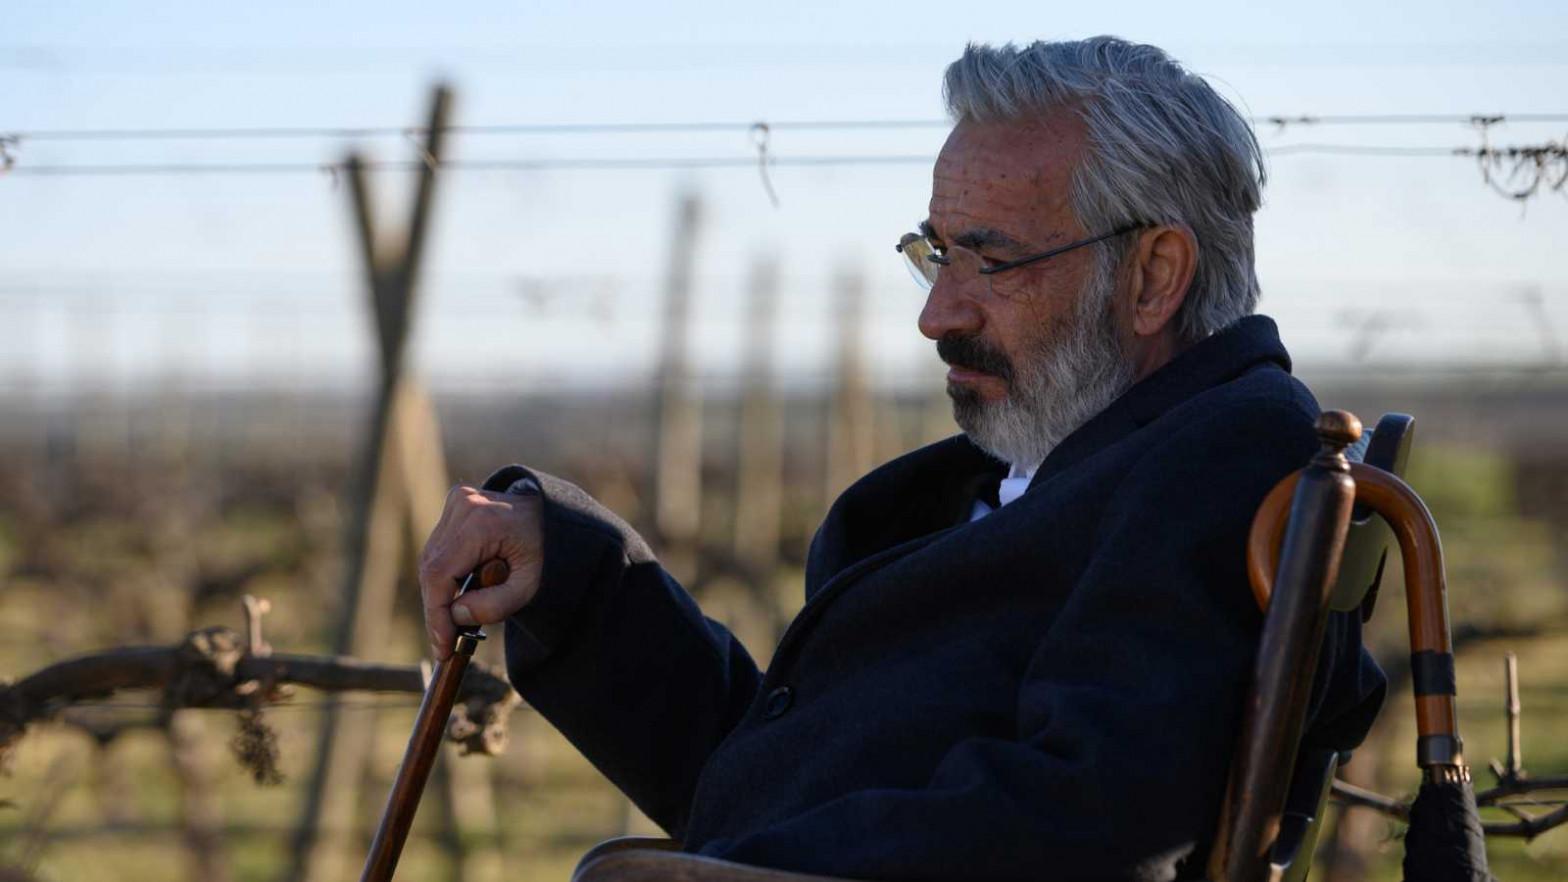 Muere Antonio Alcántara, el persona que interpreta Imanol Arias en la serie Cuéntame